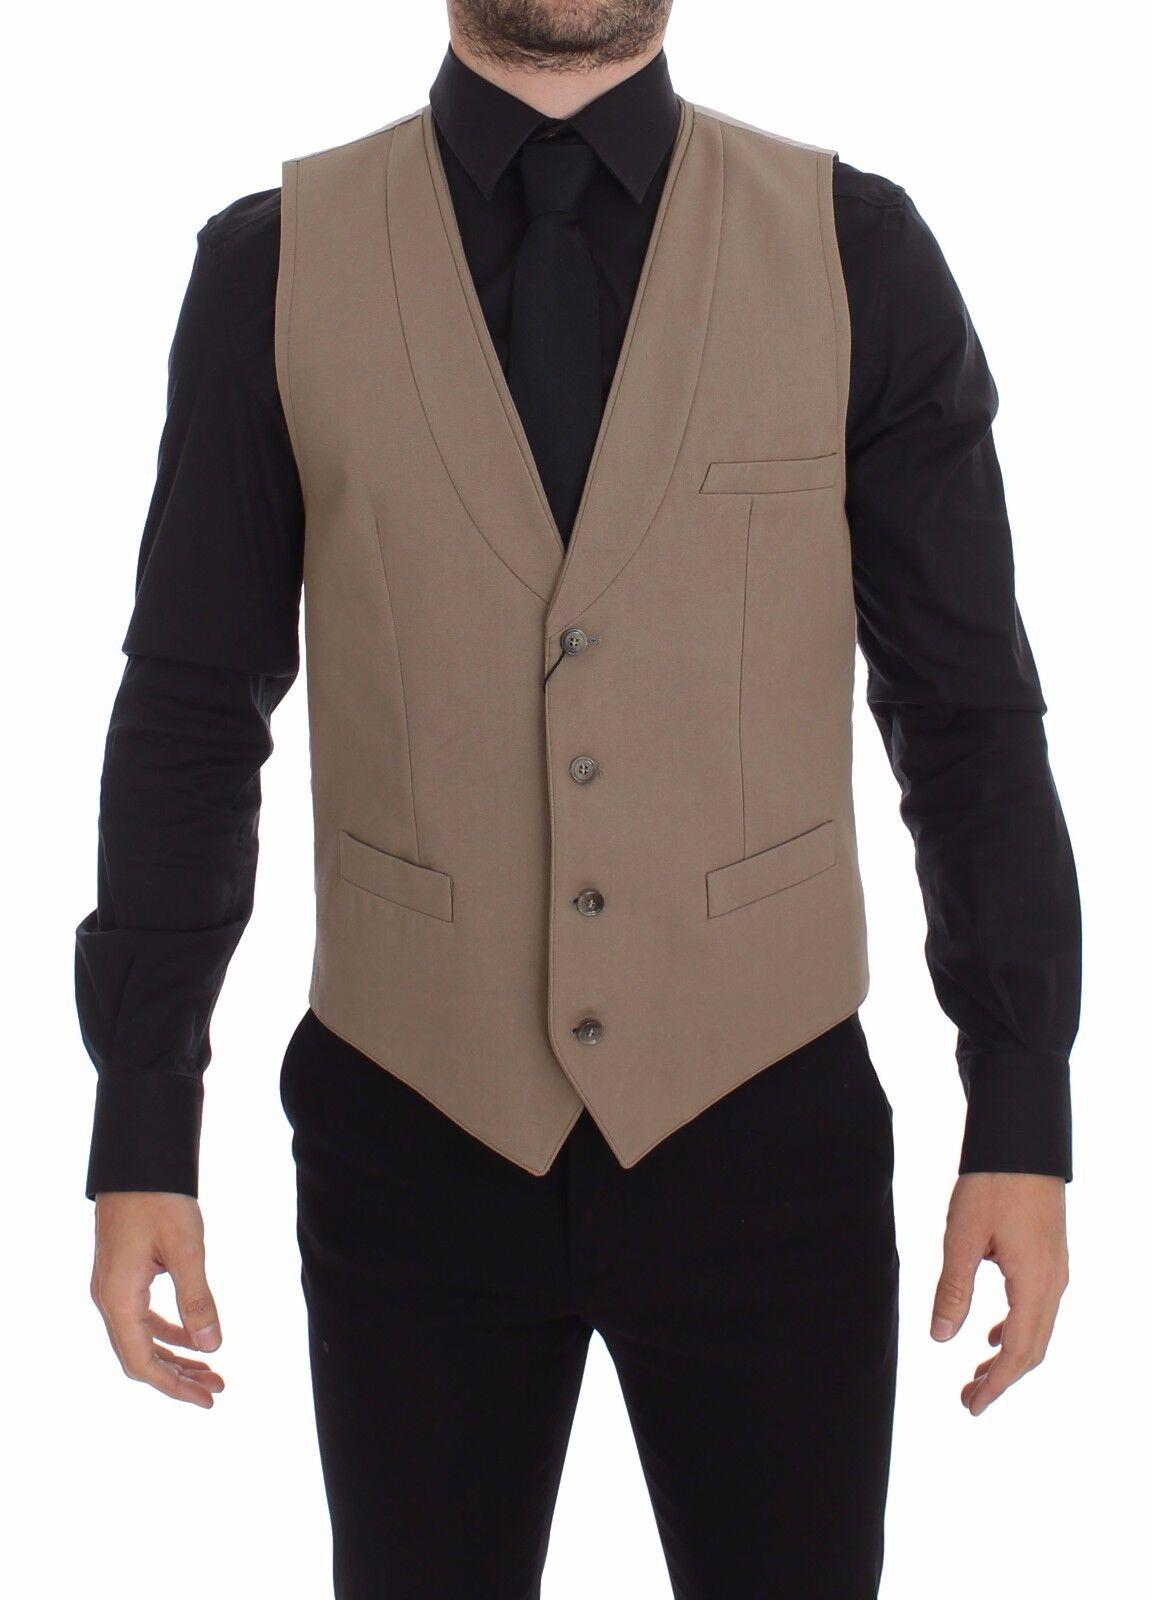 NEW 620 DOLCE & GABBANA Vest Beige Cotton Slim Fit Button Front Dress s 48 / M